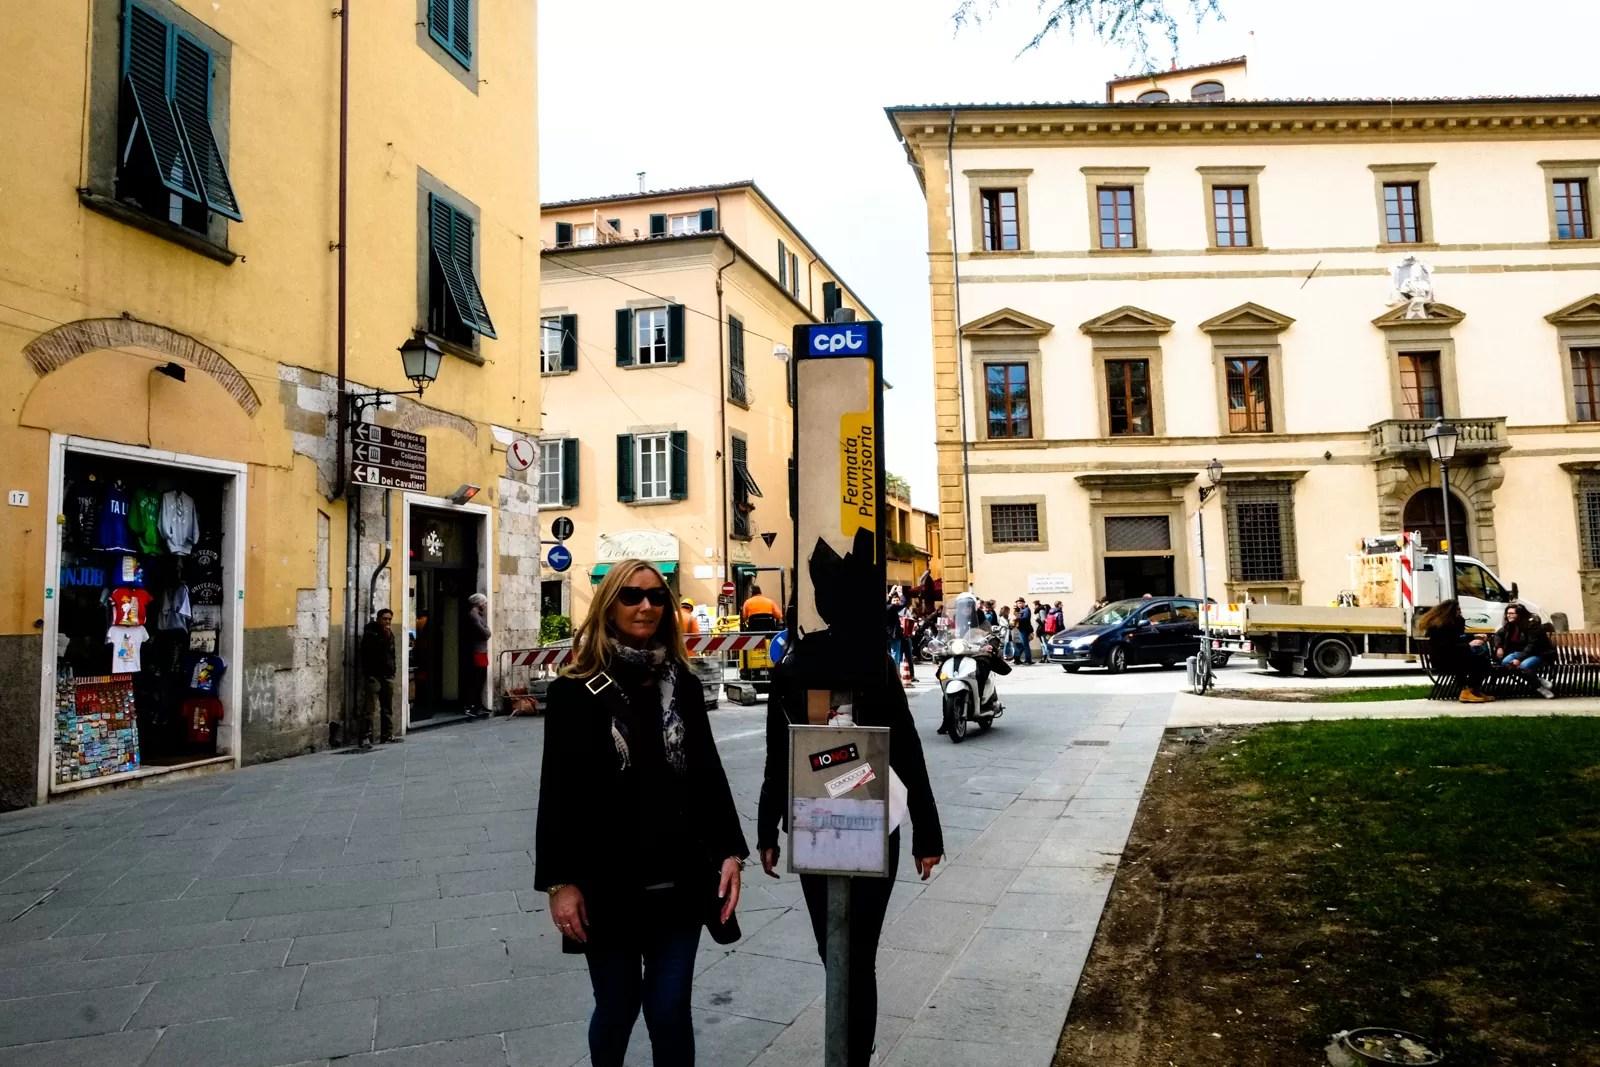 DSCF6255 - La street photography si pratica non si teorizza! - fotostreet.it